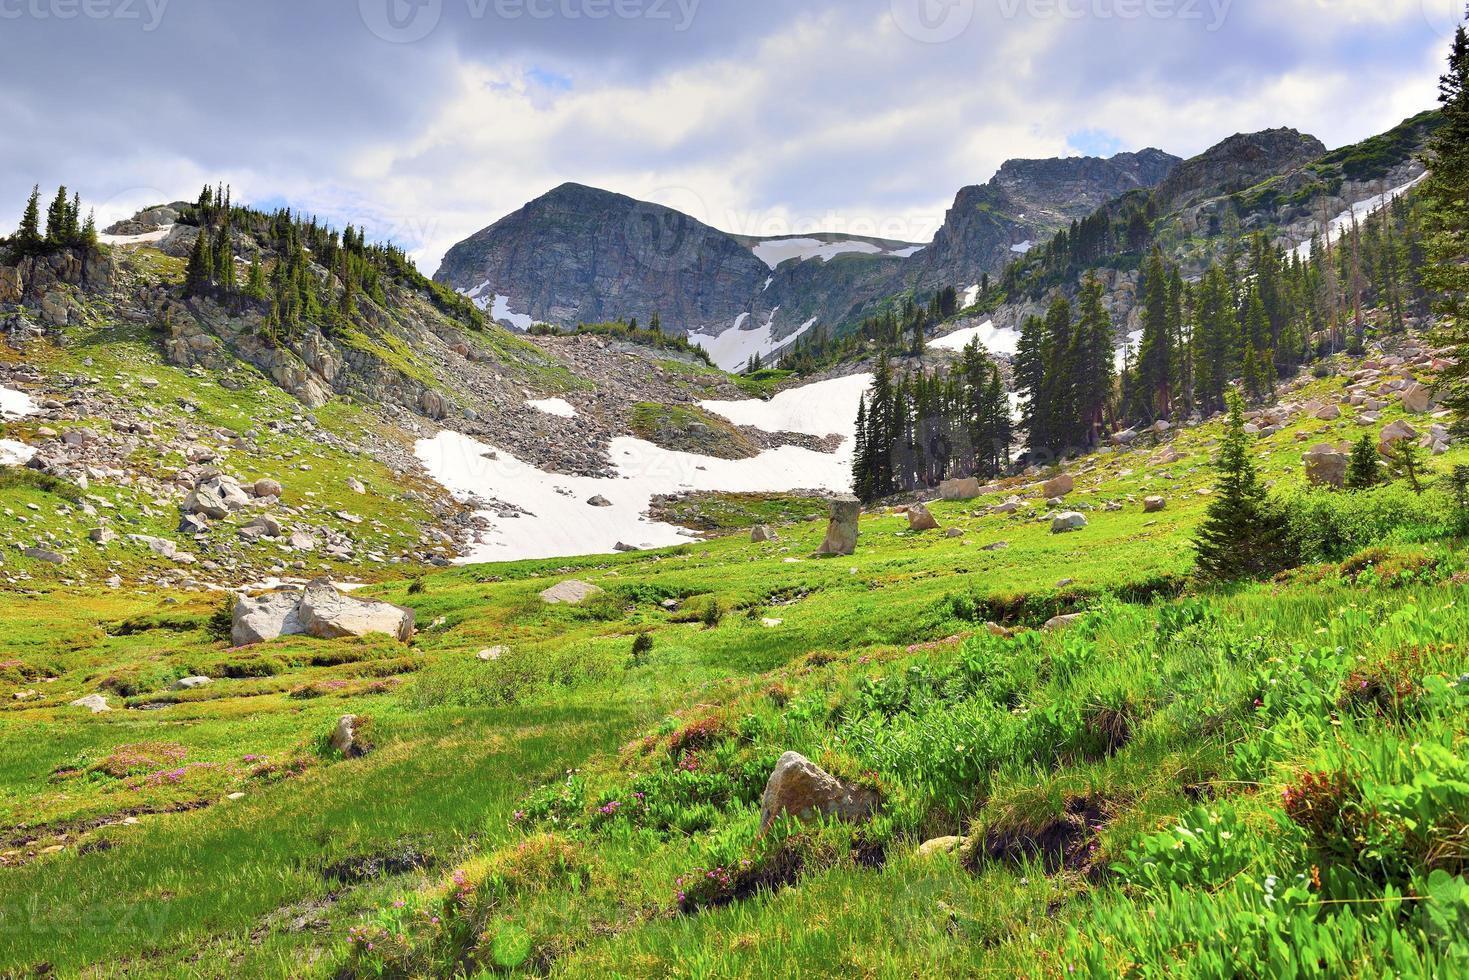 tundra alpina de alta altitude no Colorado durante o verão foto